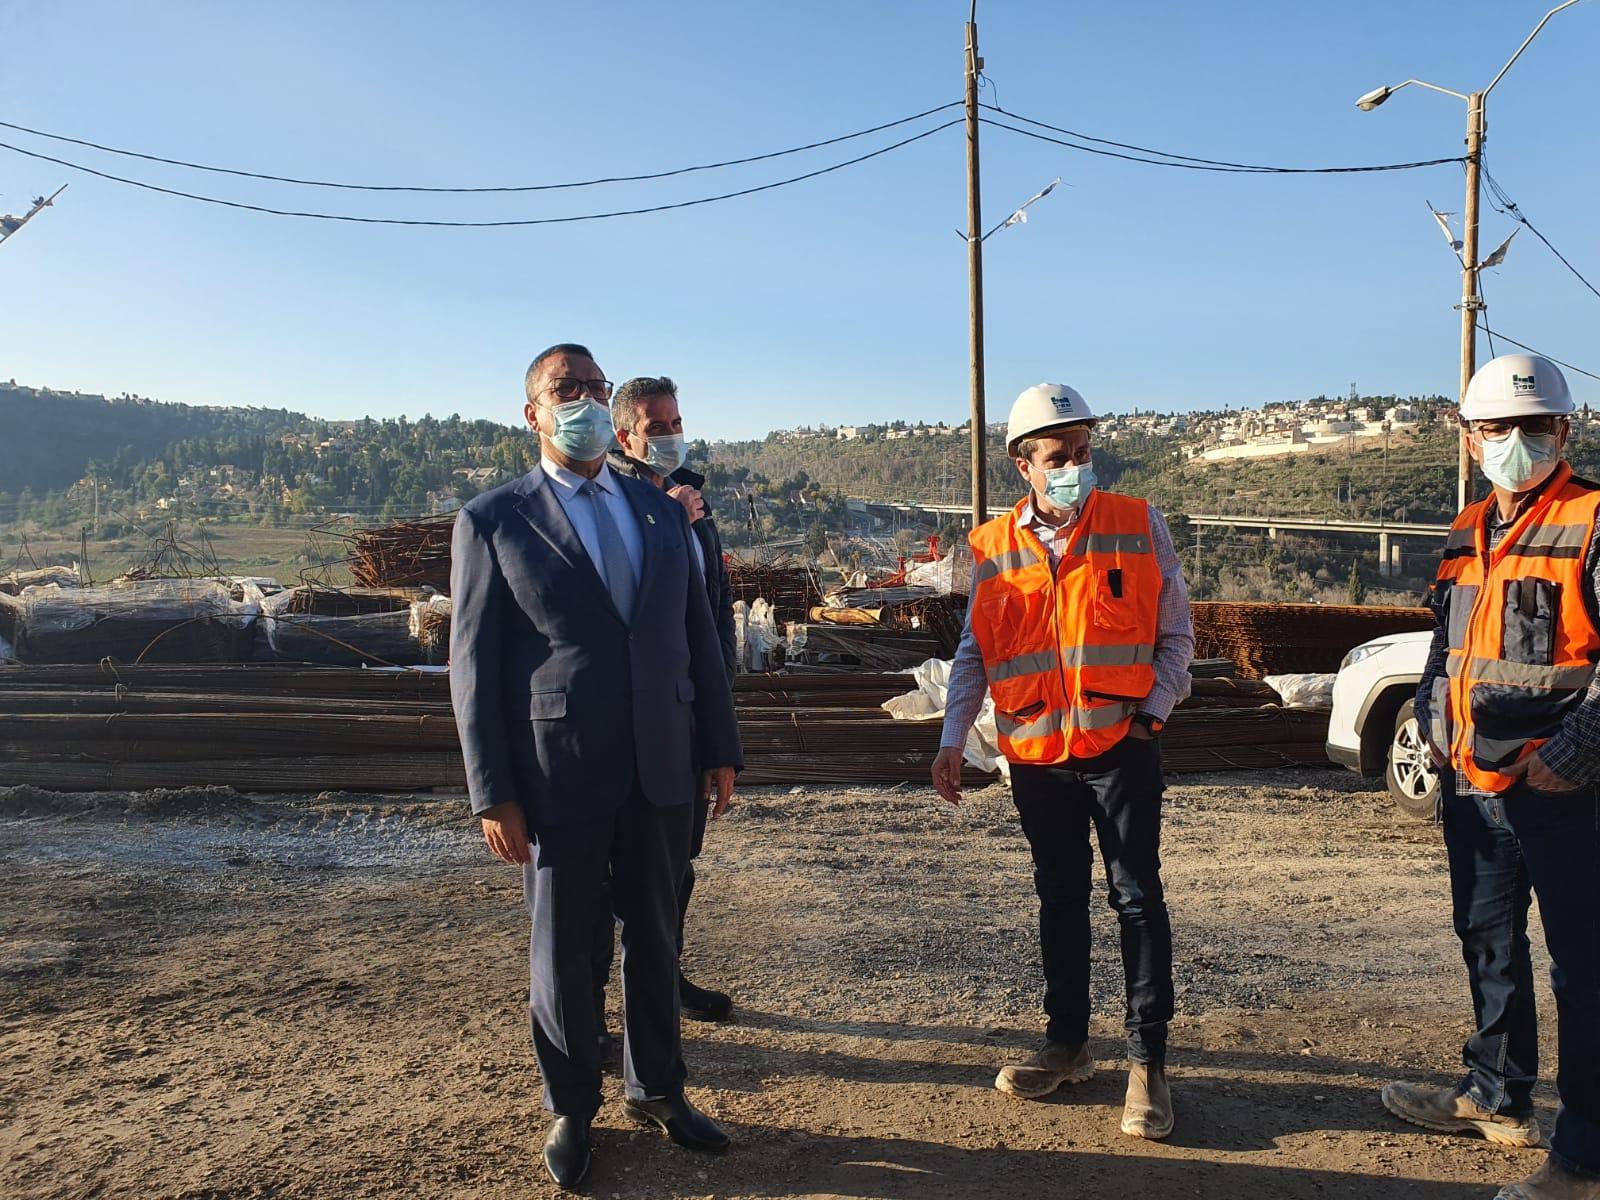 ראש העיר משה ליאון, סמוך לעבודות לכריית מנהרות כביש 16 (צילום: דוברות העירייה)